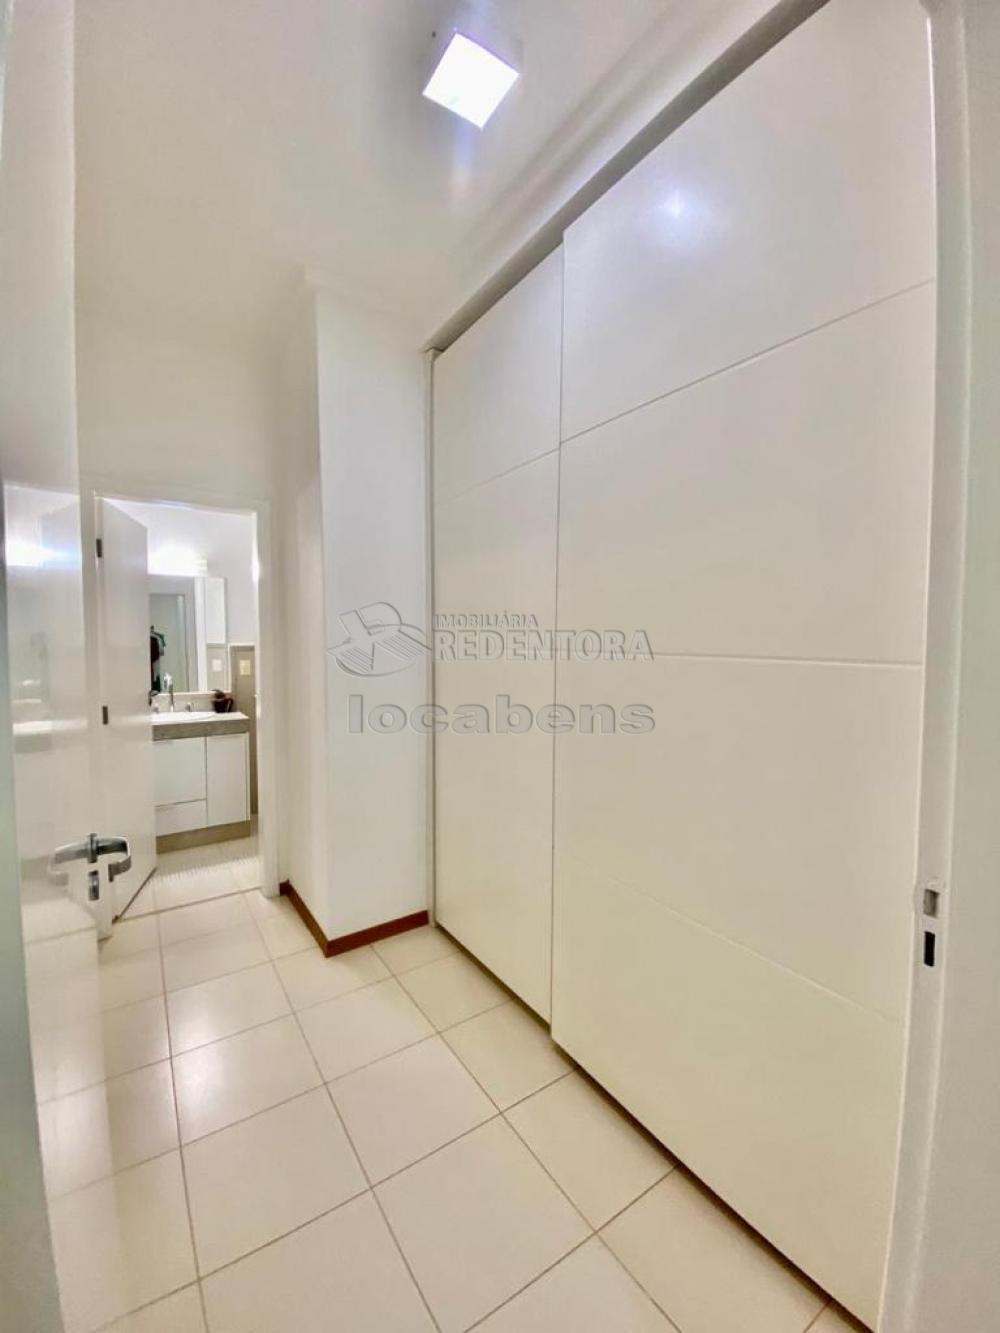 Comprar Casa / Condomínio em São José do Rio Preto R$ 1.750.000,00 - Foto 20